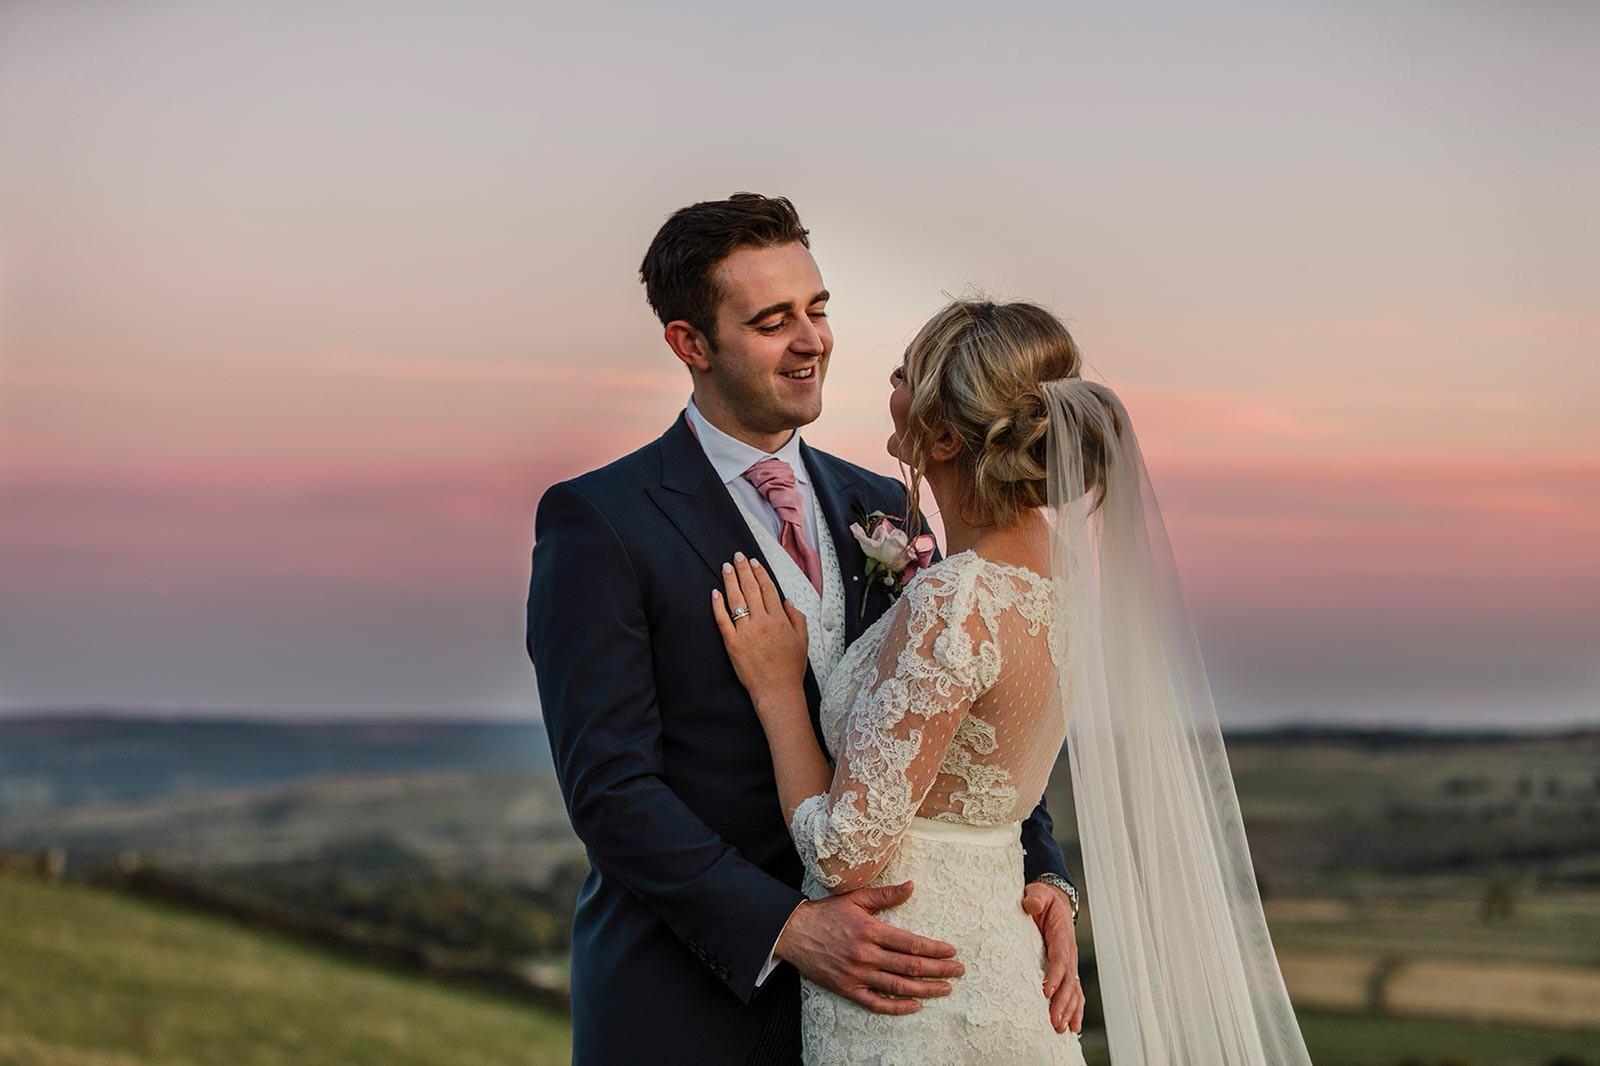 Hochzeitsfotografie Ein perfektes Ziel für aufrichtige Bilder!